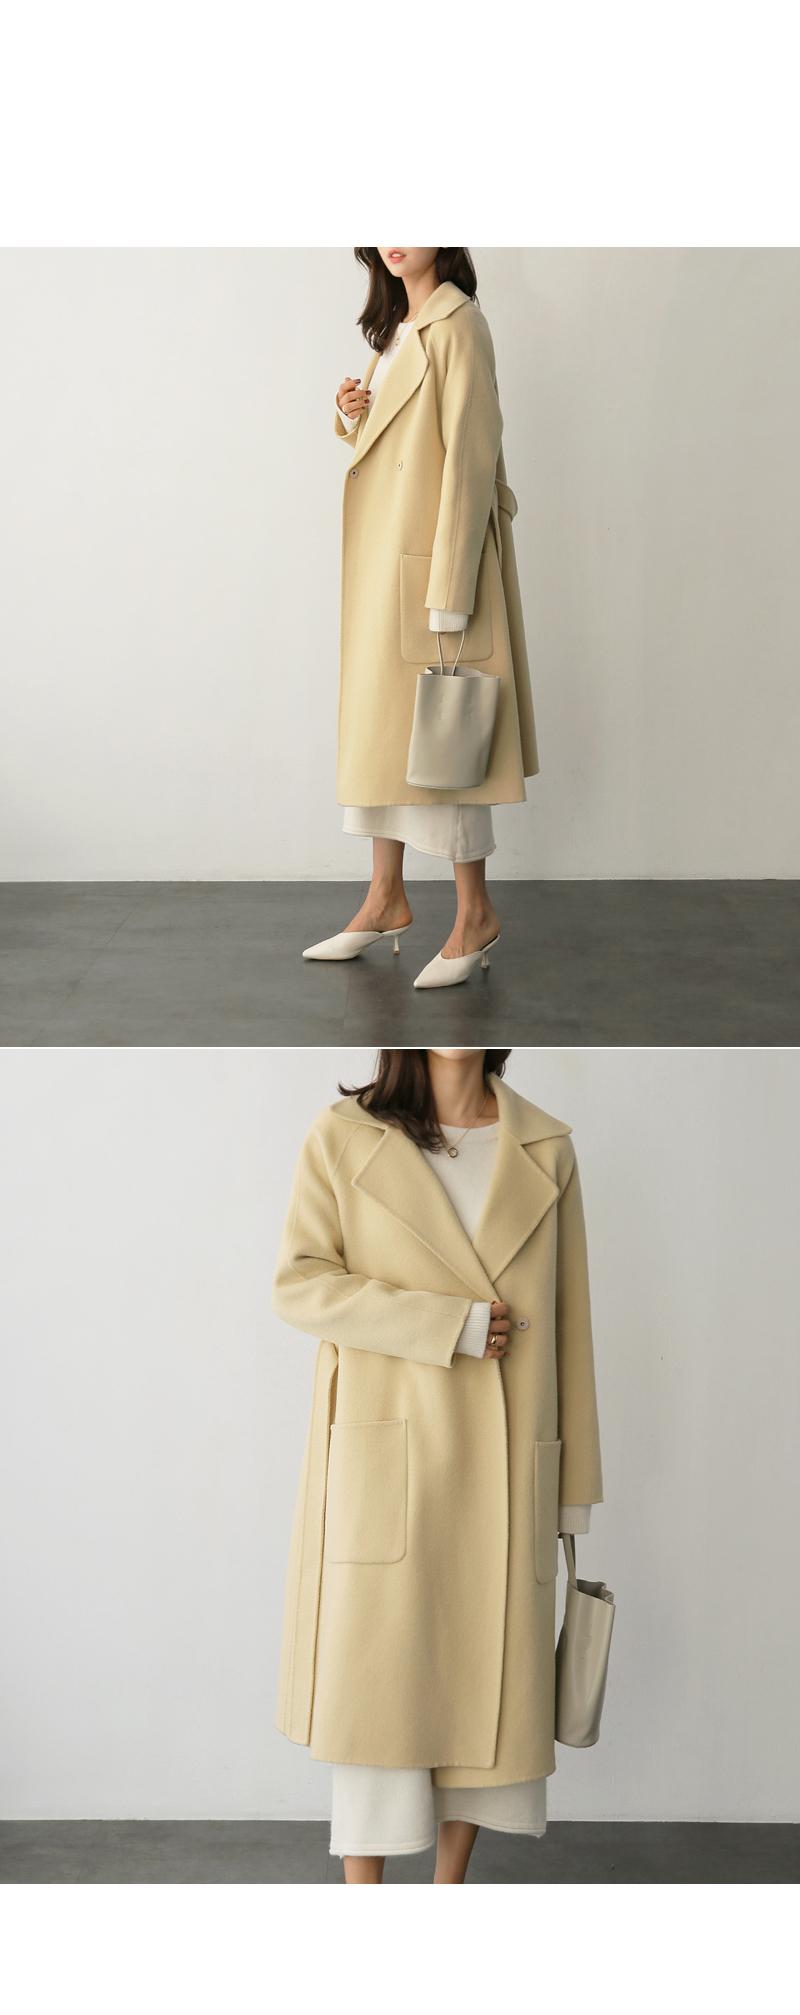 Giselle handmade coat